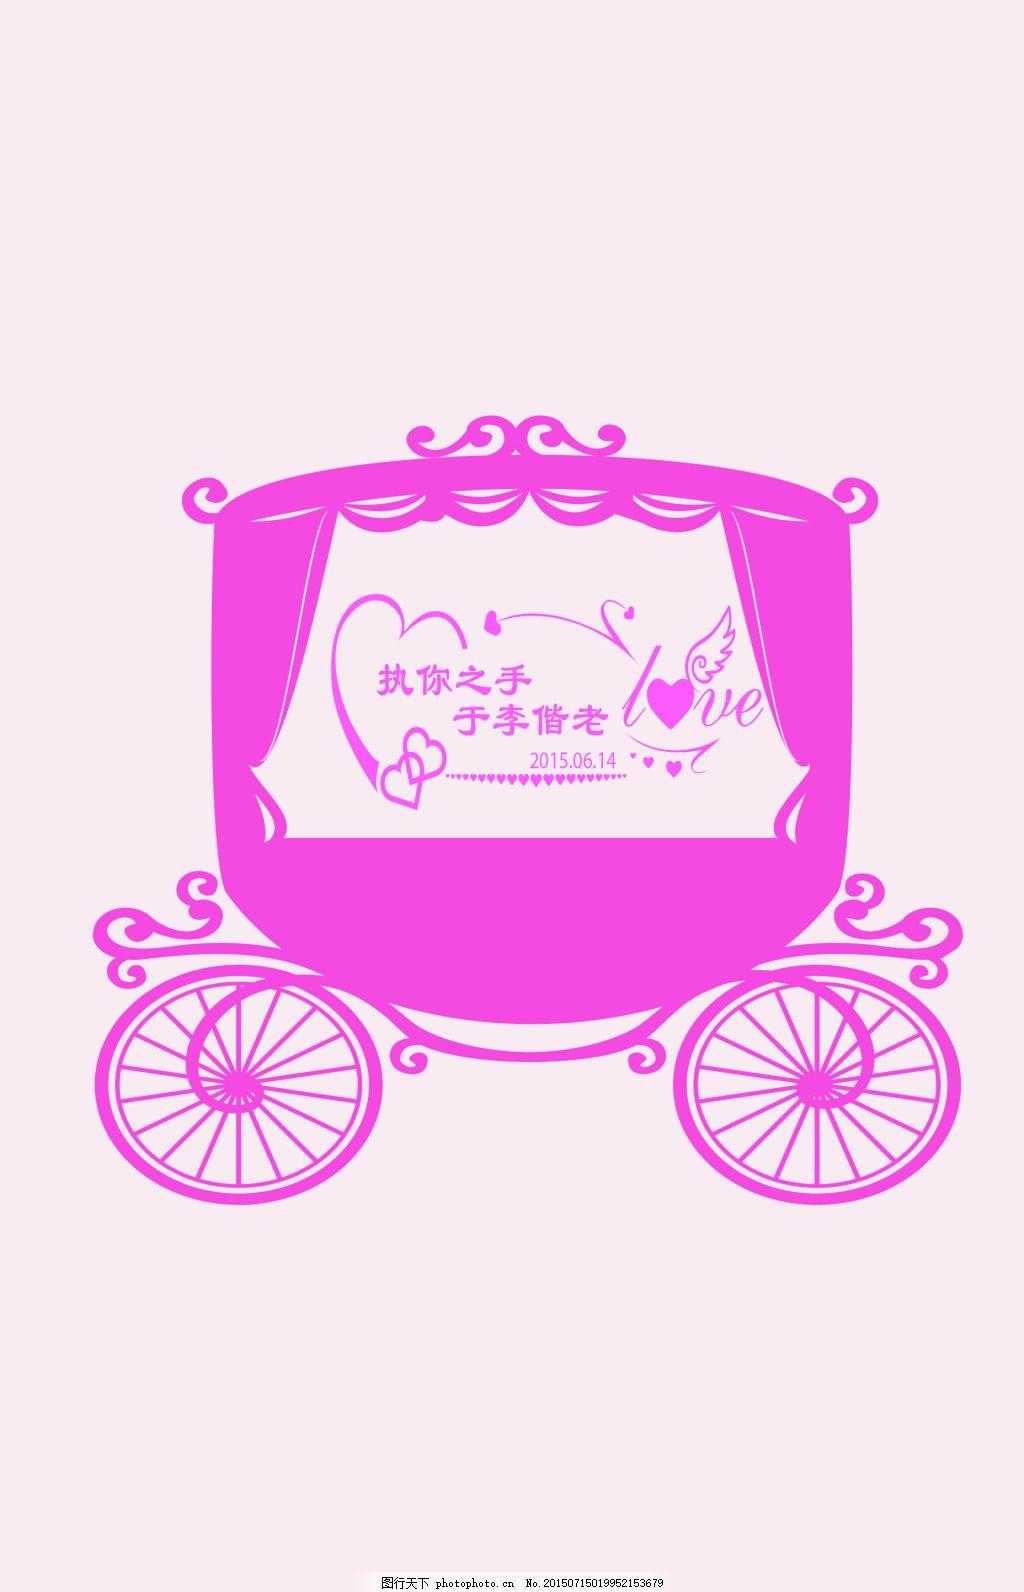 婚礼logo设计 马车 粉色 花边 白色